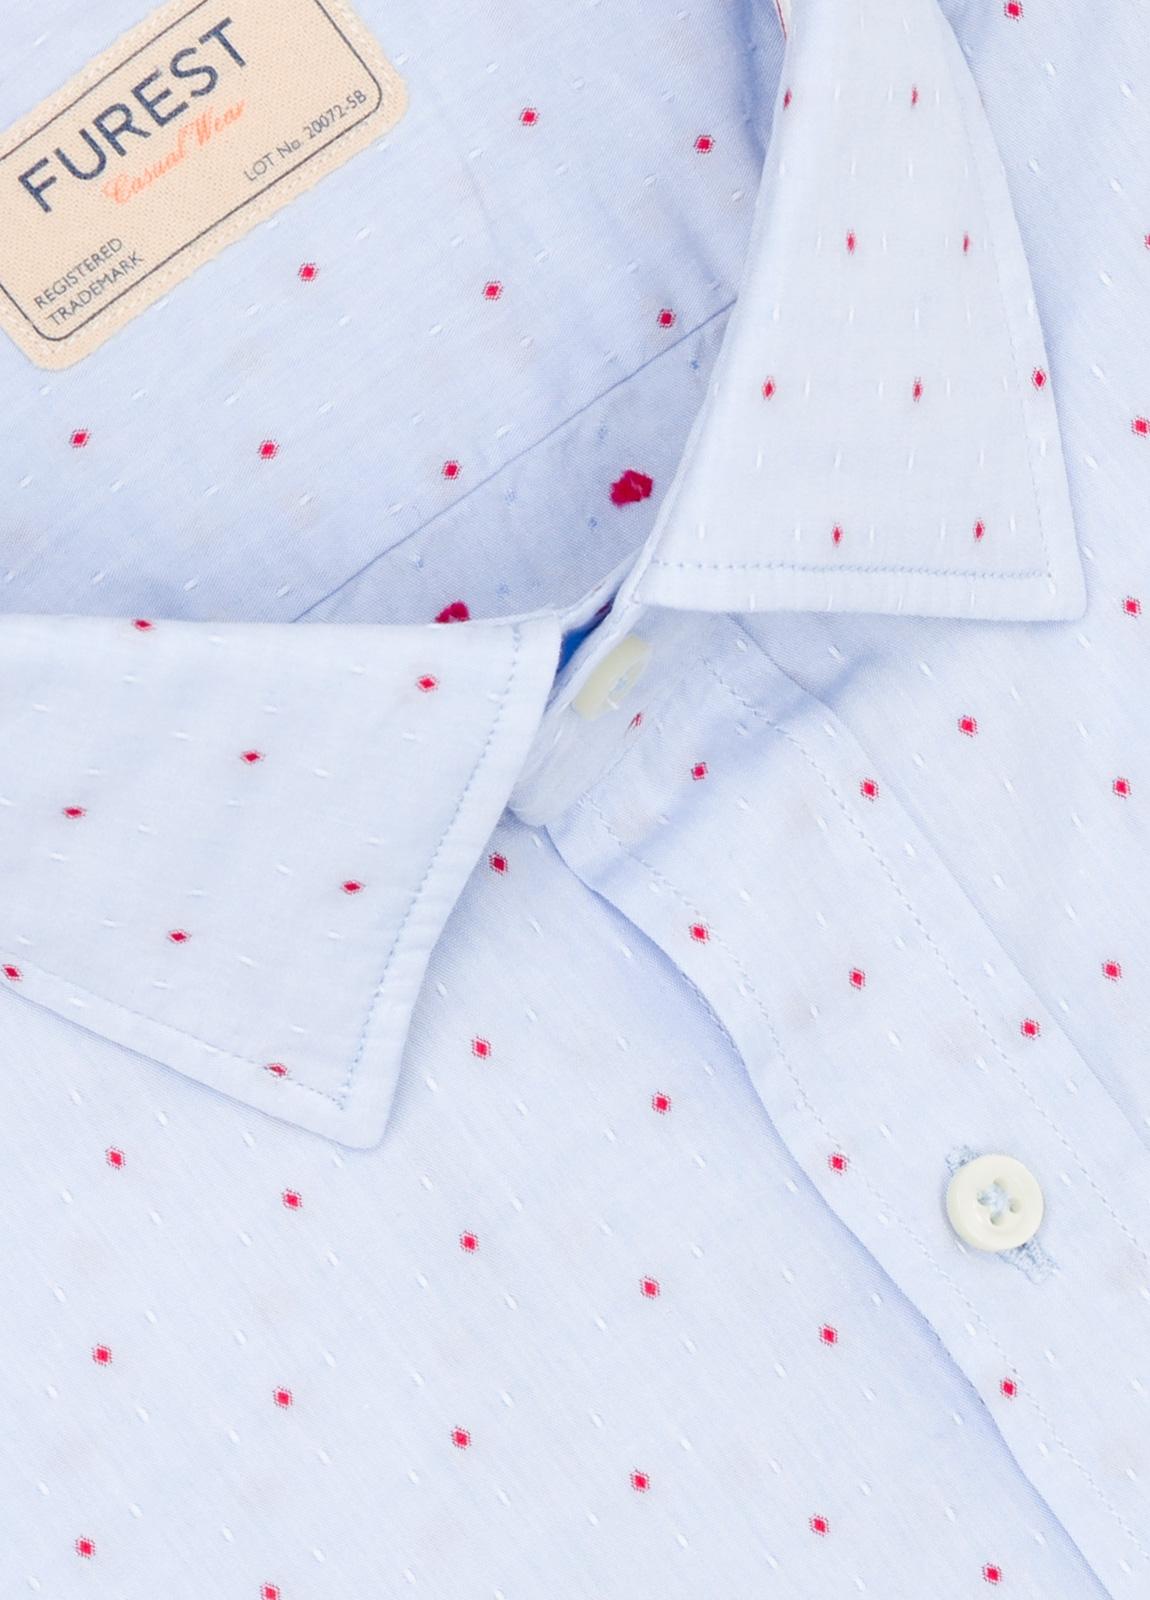 Camisa Casual Wear SLIM FIT Modelo PORTO micro dibujo color celeste. 100% Algodón. - Ítem1